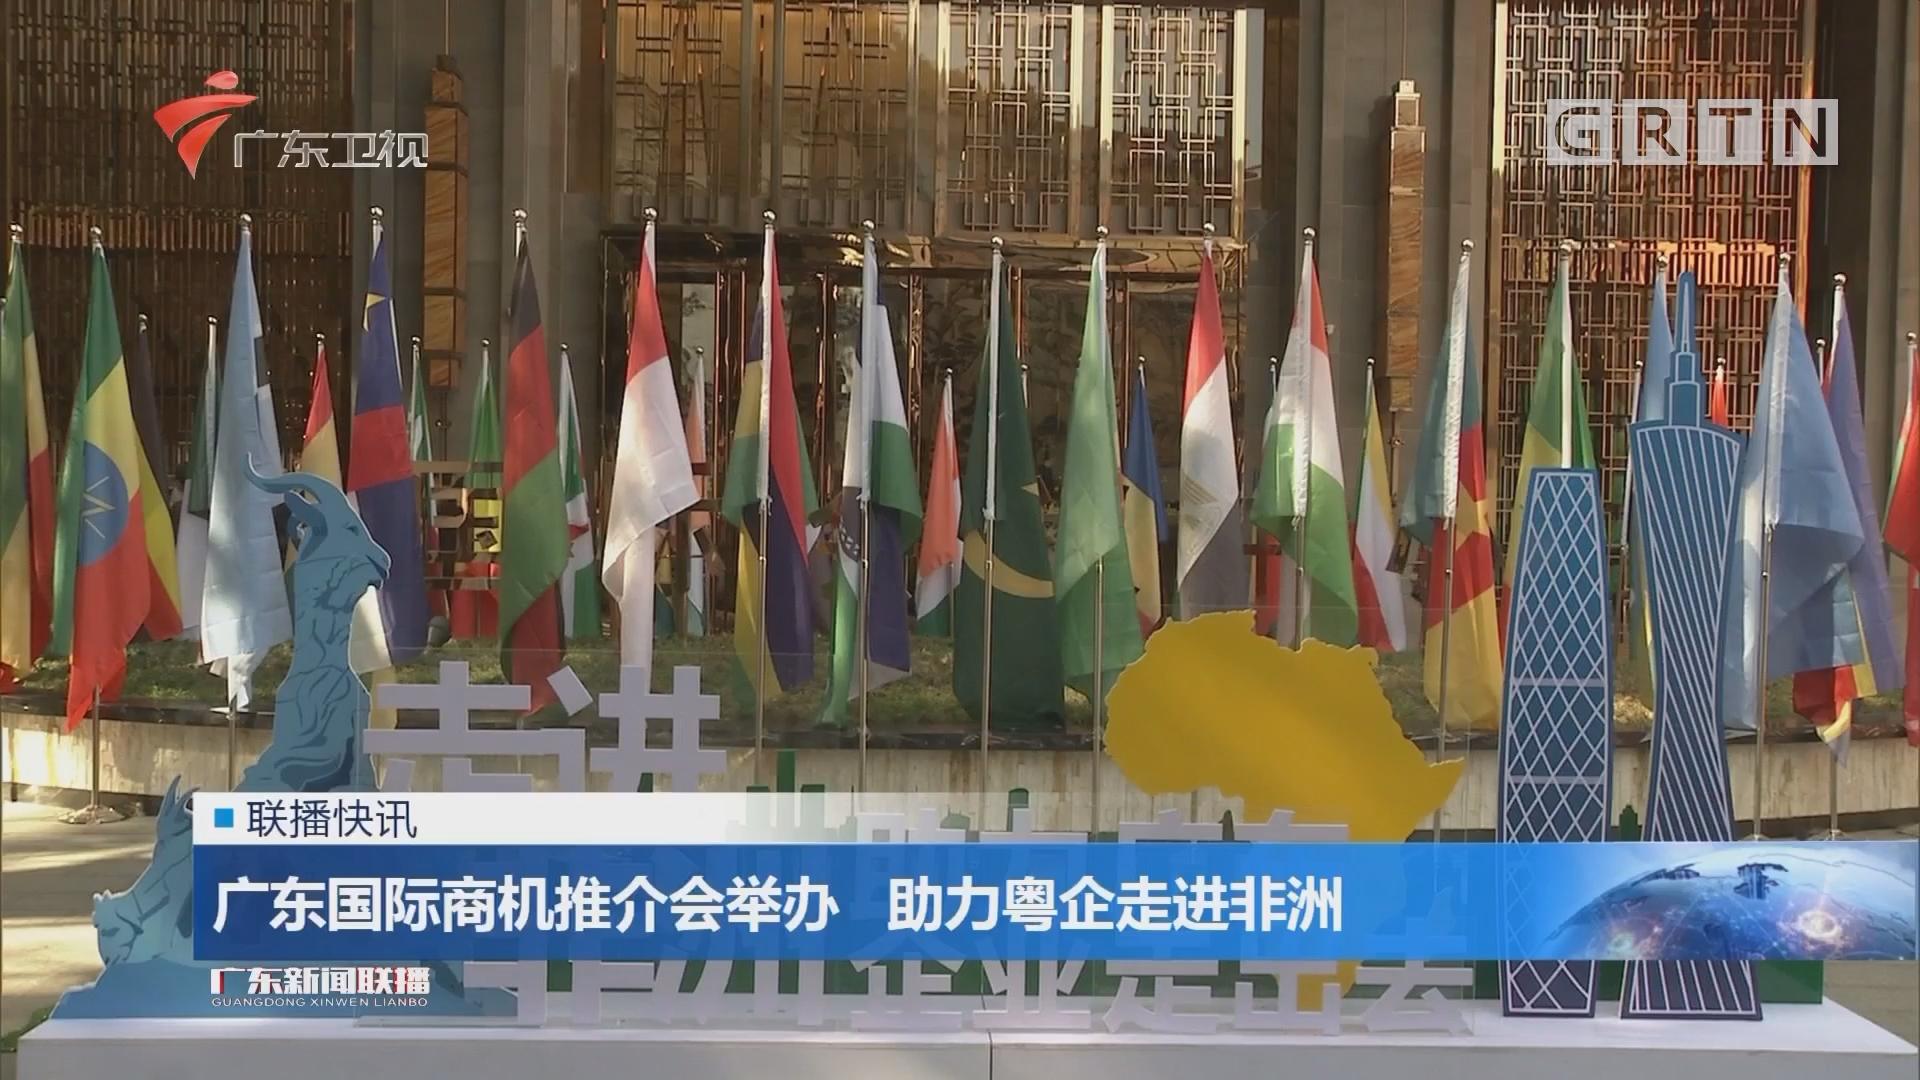 广东国际商机推介会举办 助力粤企走进非洲